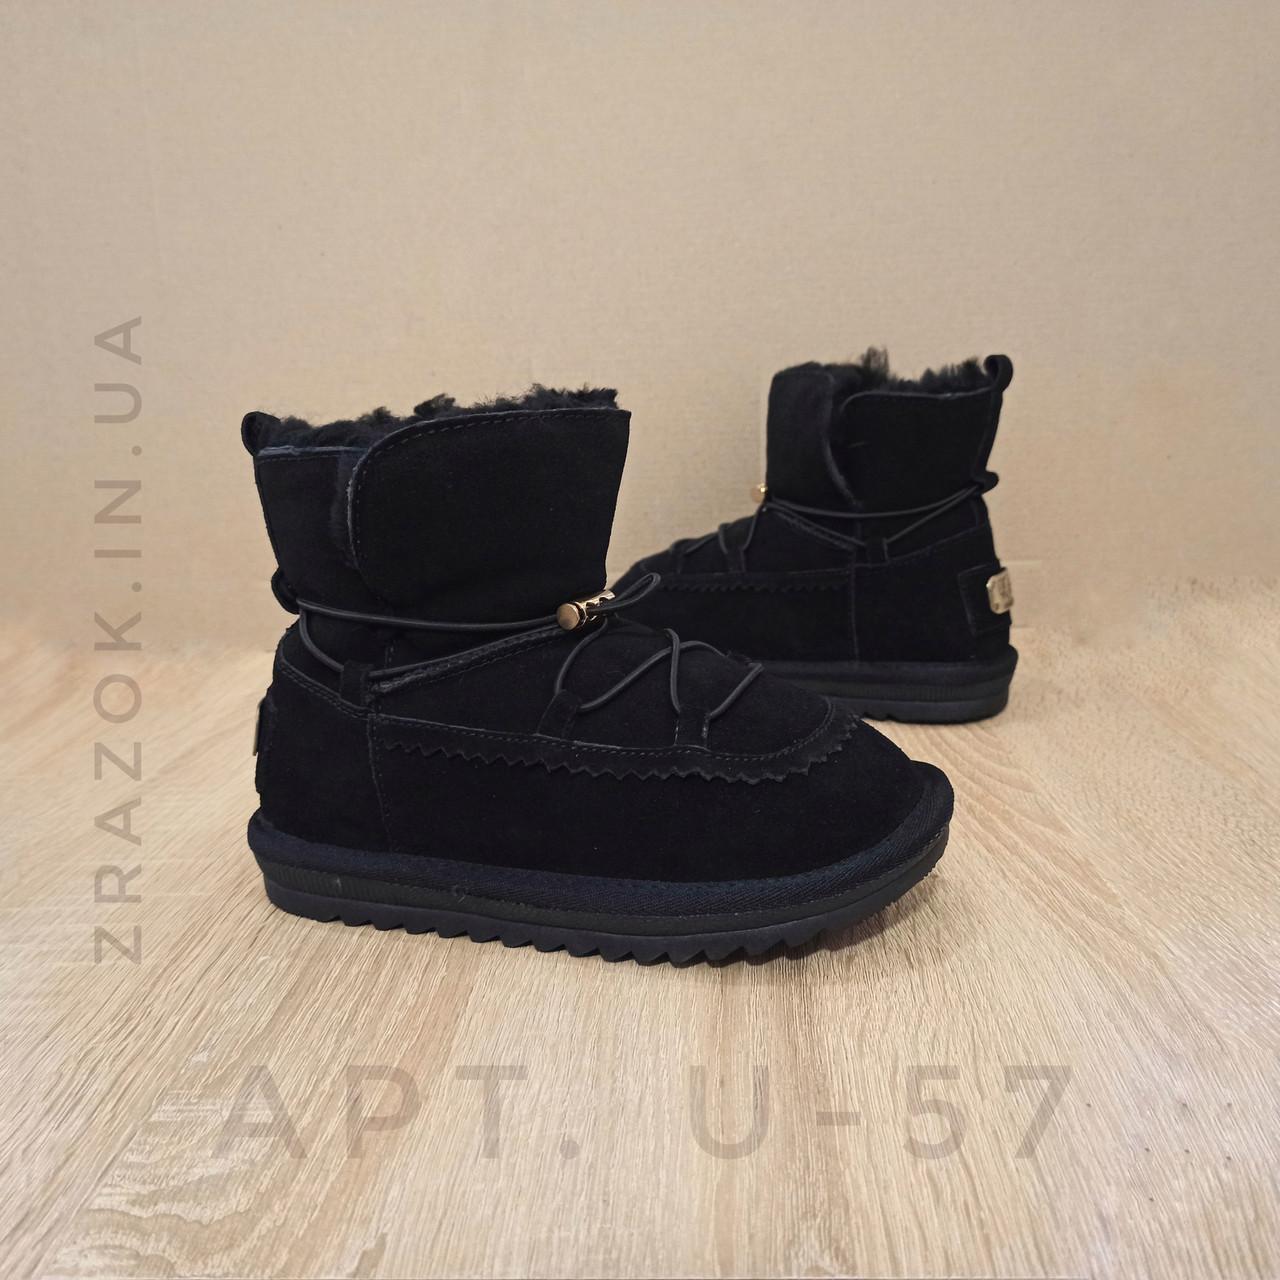 Натуральна замша натуральне хутро уггі чорні черевики дитячі чобітки уггі дитячі для хлопчика для дівчинки